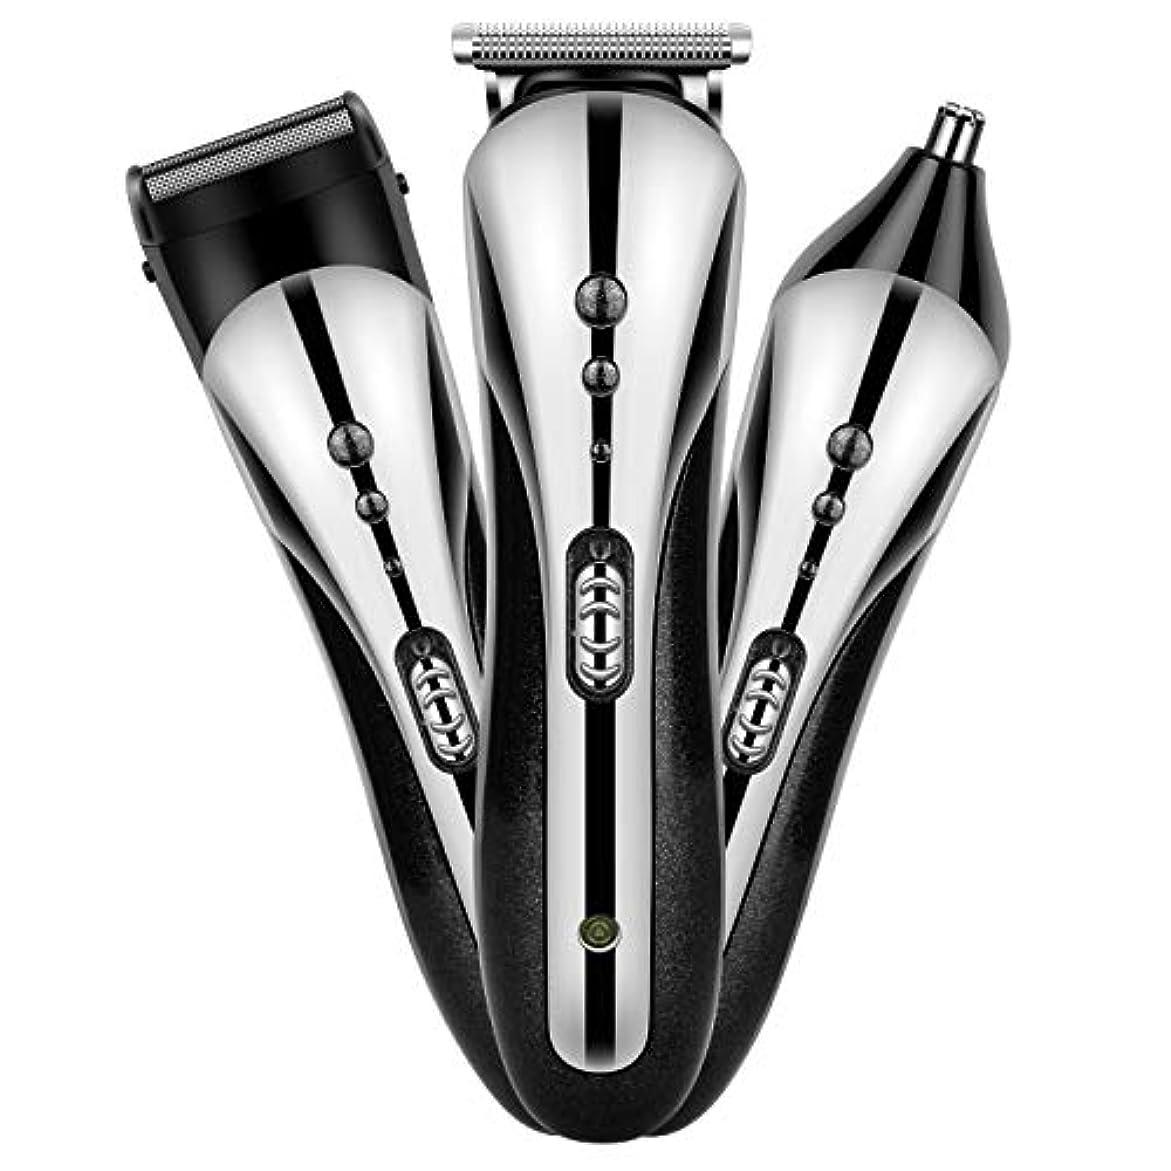 差し引く永遠にマガジンOne-stageバリカン 鼻毛カッター ヒゲトリマー 充電式 家庭 カミソリ セット